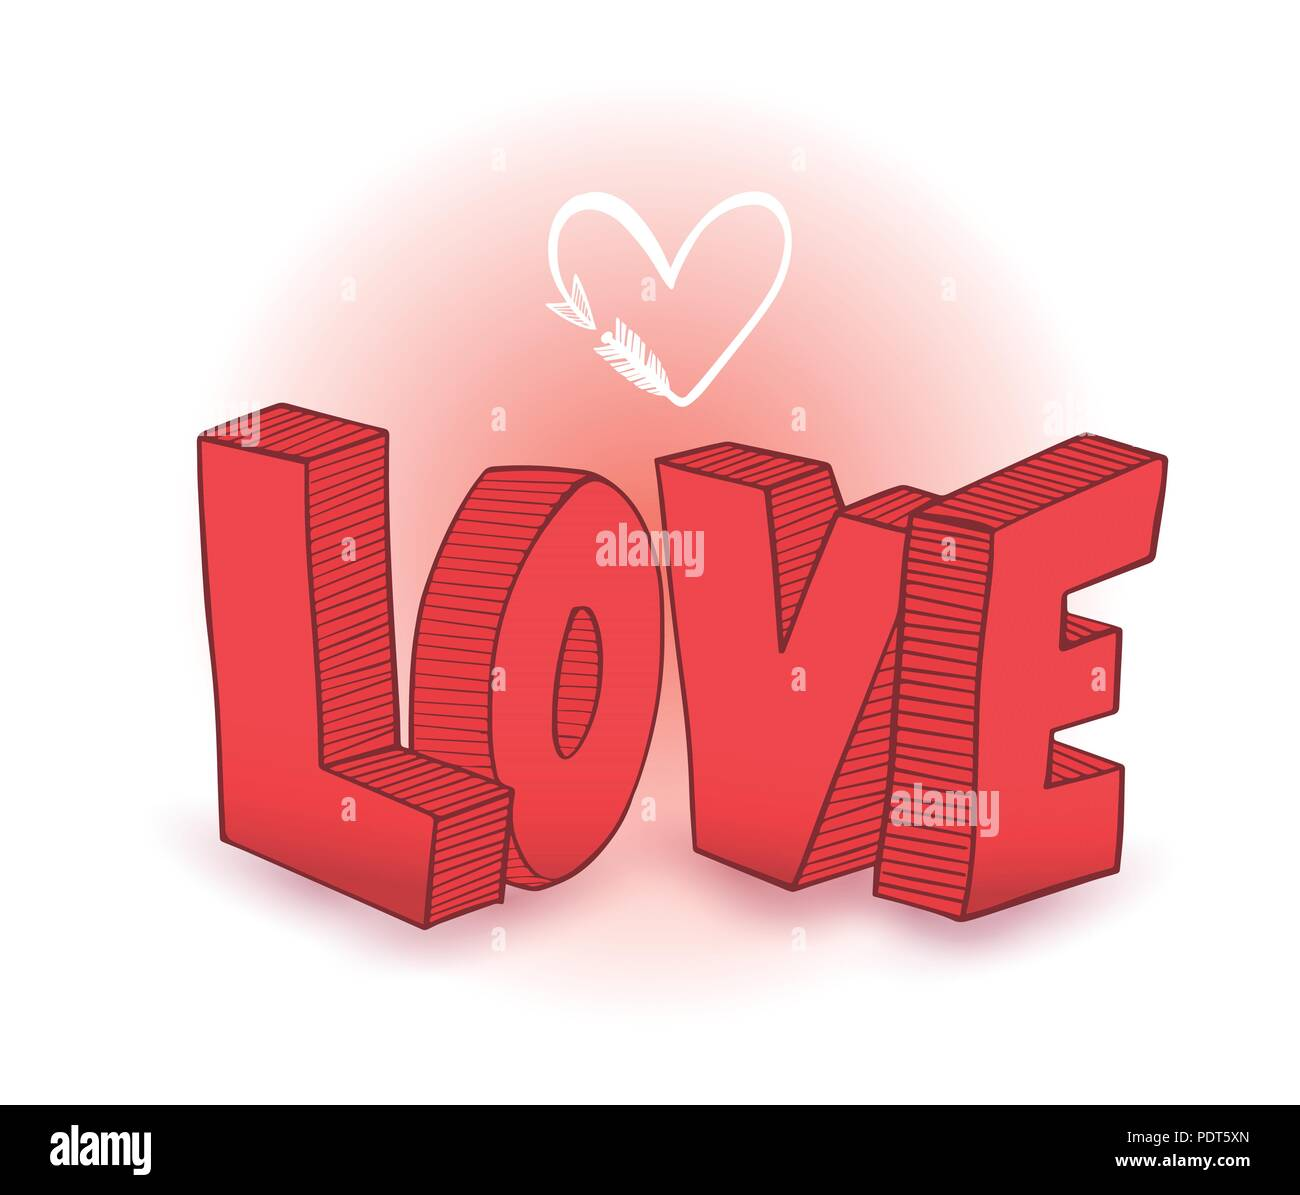 Style 3d dessin amour coeur avec fl che vector illustration de l 39 amour et mariage concept - Dessin de l amour ...